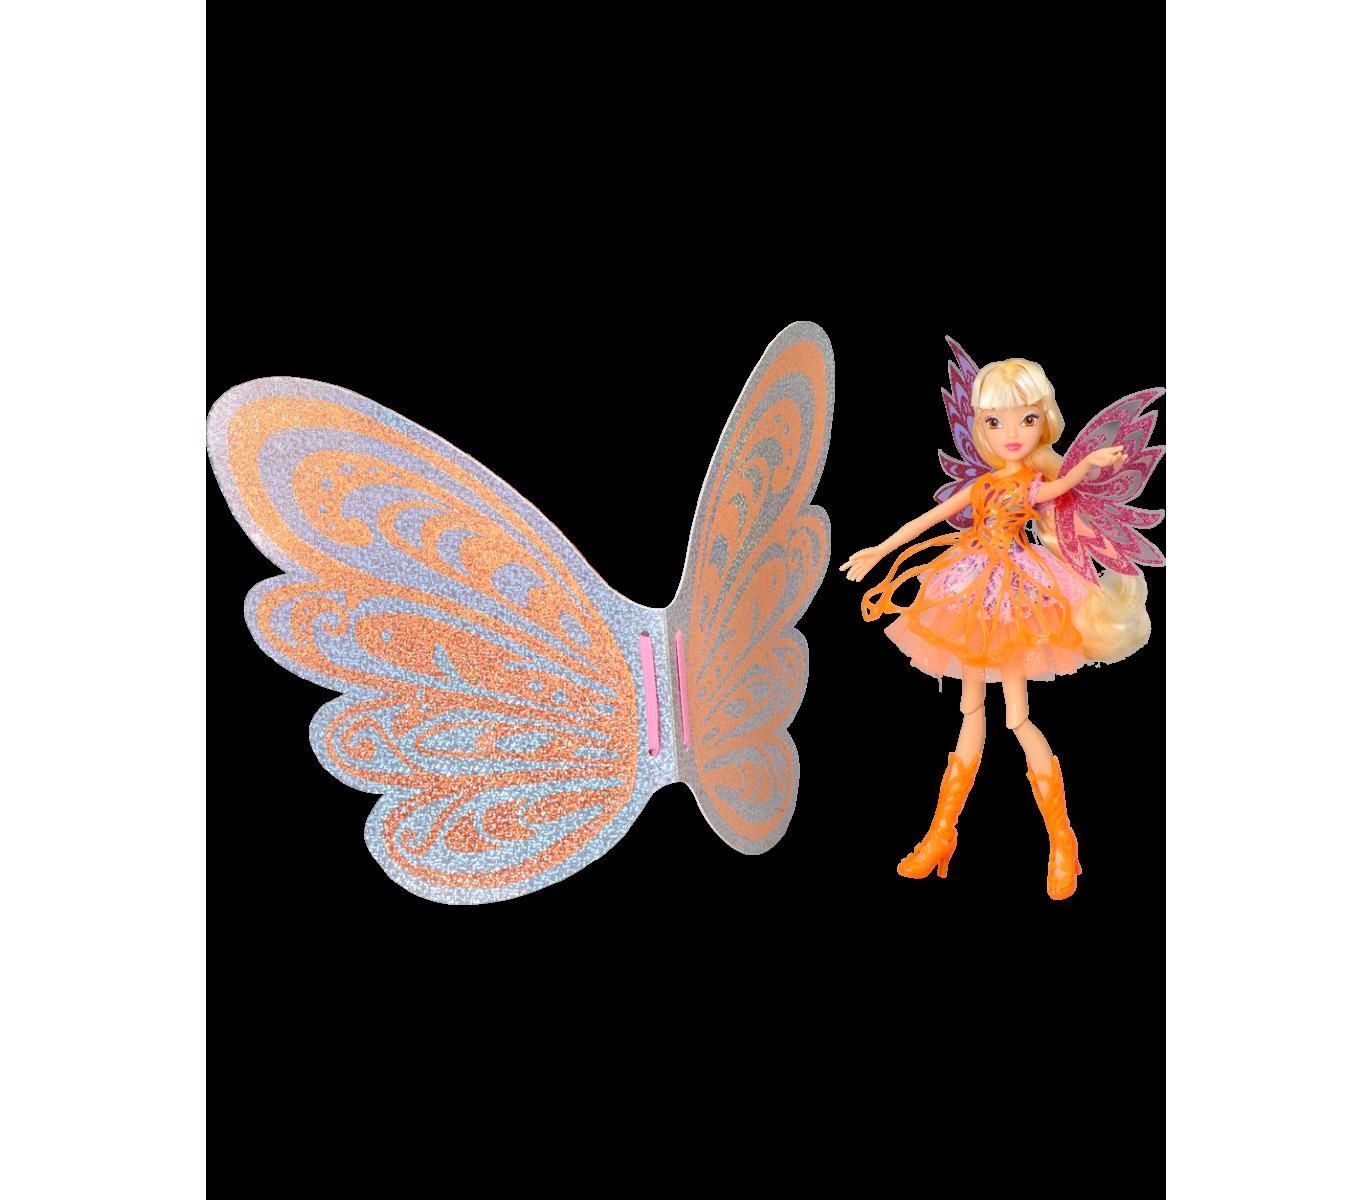 видеоредактор куклы винкс с крыльями картинки пустынь расположена живописной